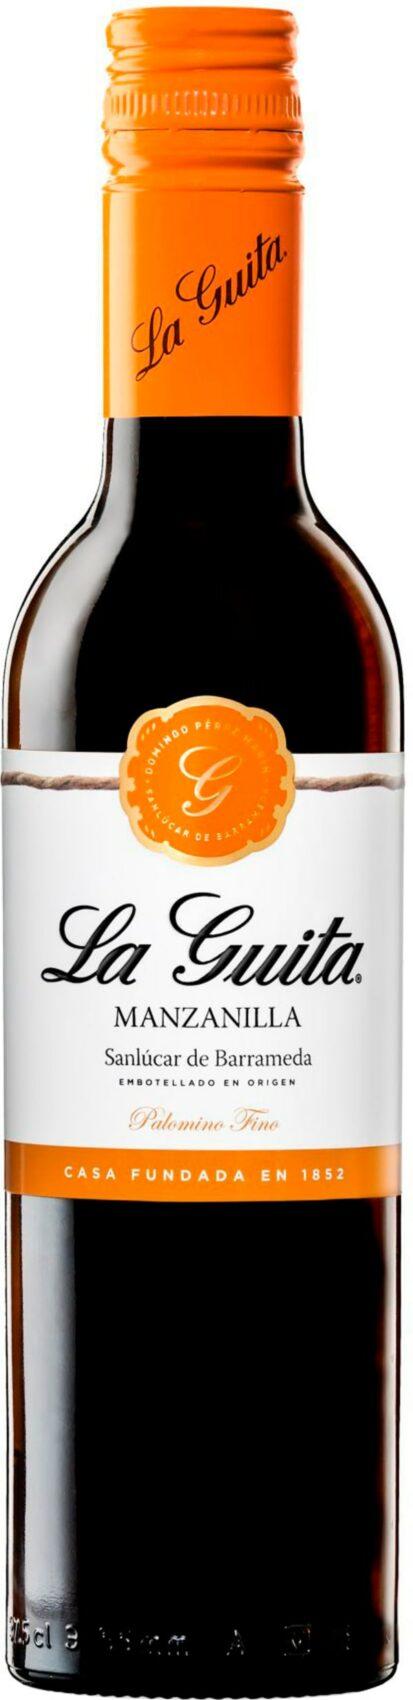 la-guita-manzanilla-sherry